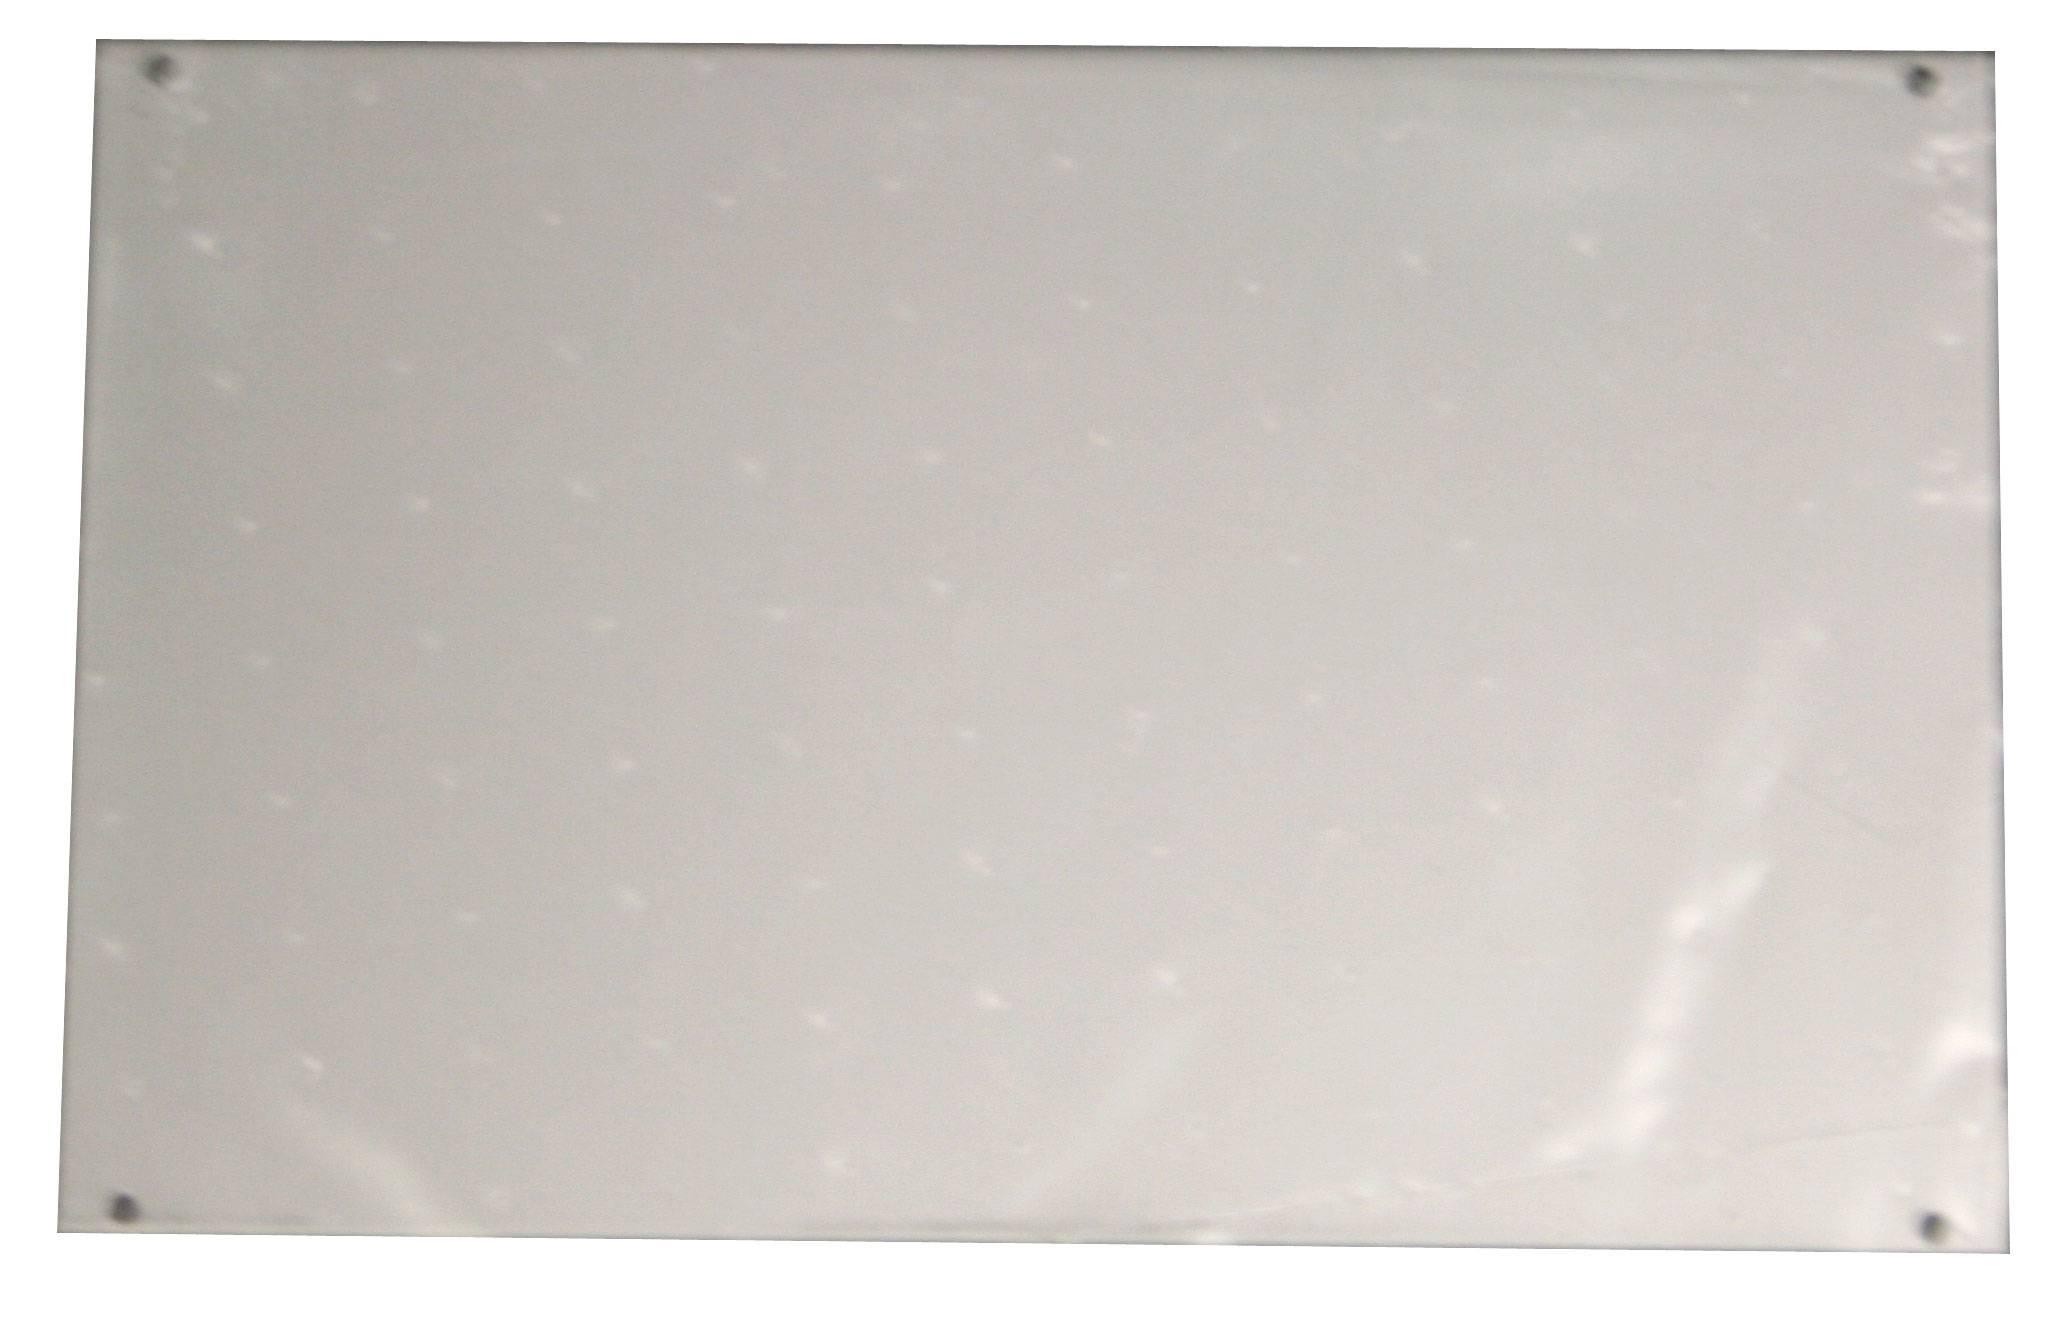 Montážna doska hliník hliník (eloxovaný) Proma 138085, (d x š) 202.9 mm x 128.5 mm